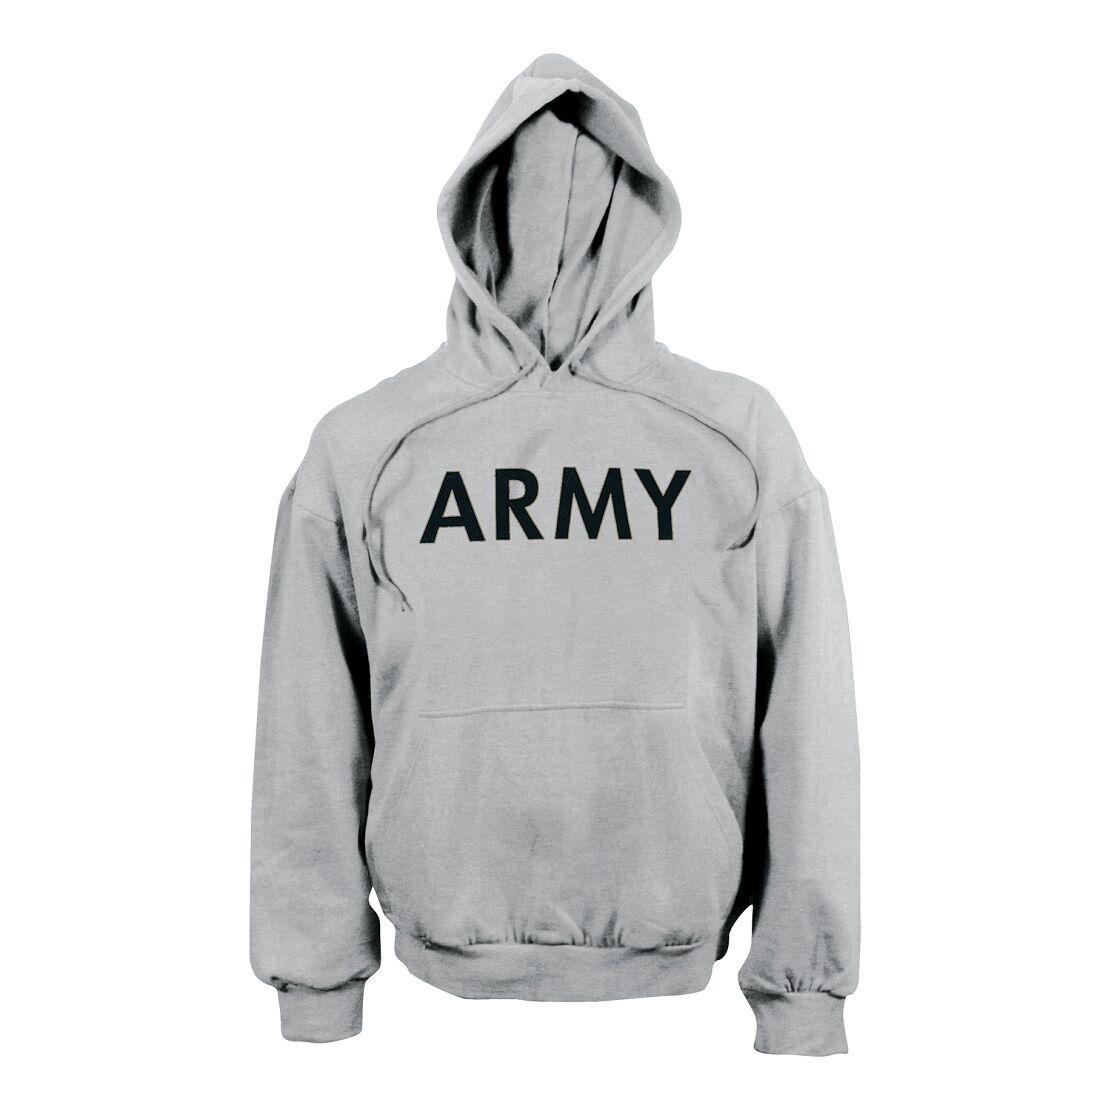 ARMY Hoodie Kapuzen Sport US Hoodie Sweatshirt grey Medium